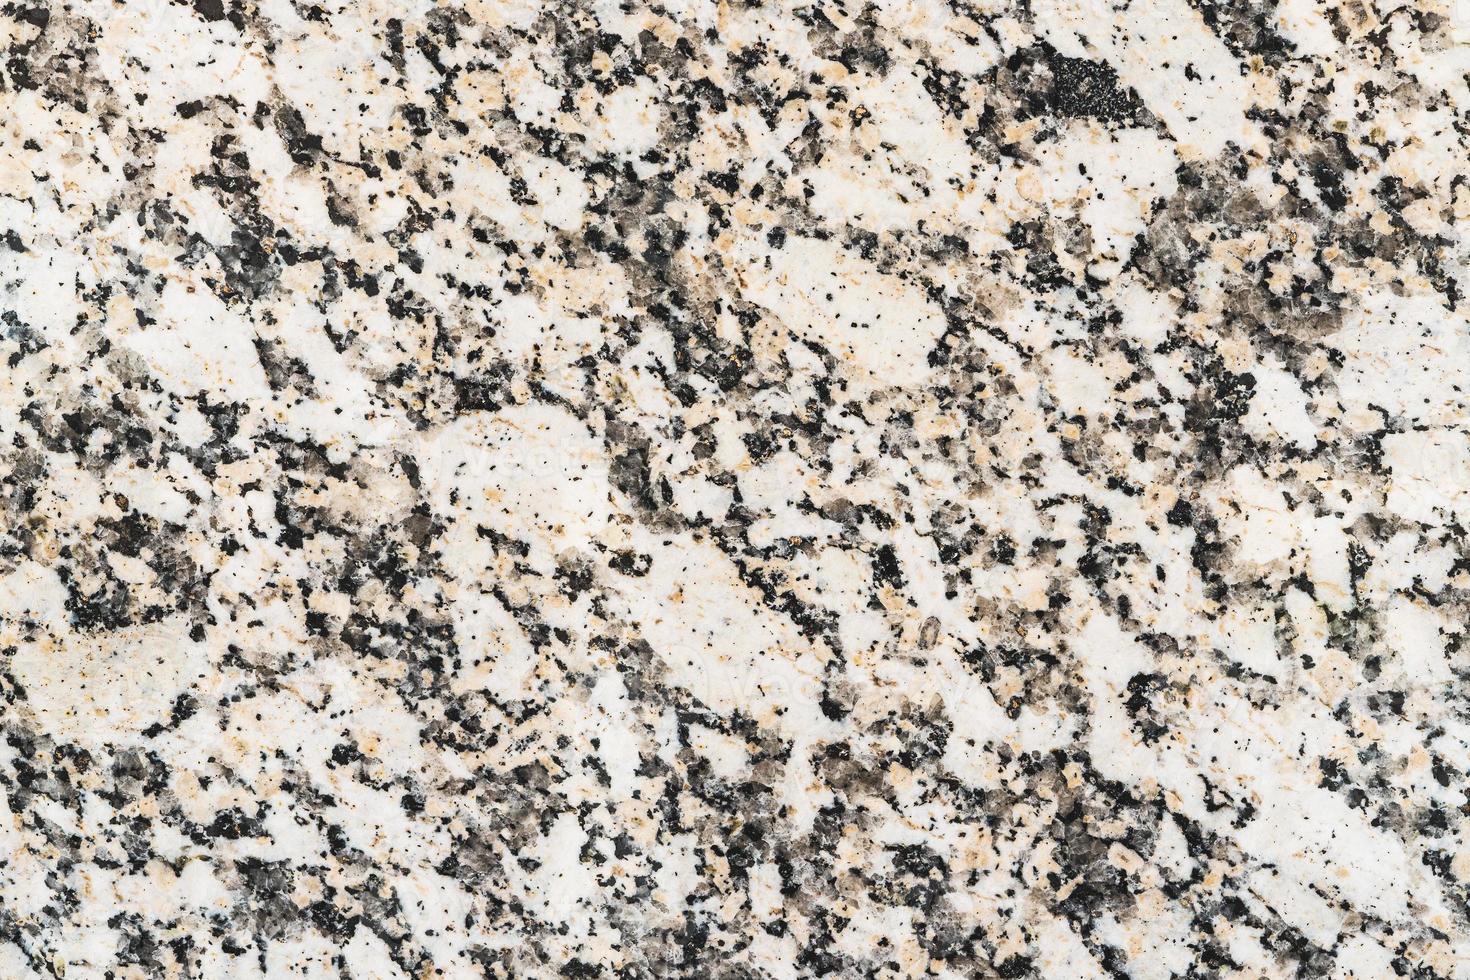 Textur einer Granitoberfläche foto